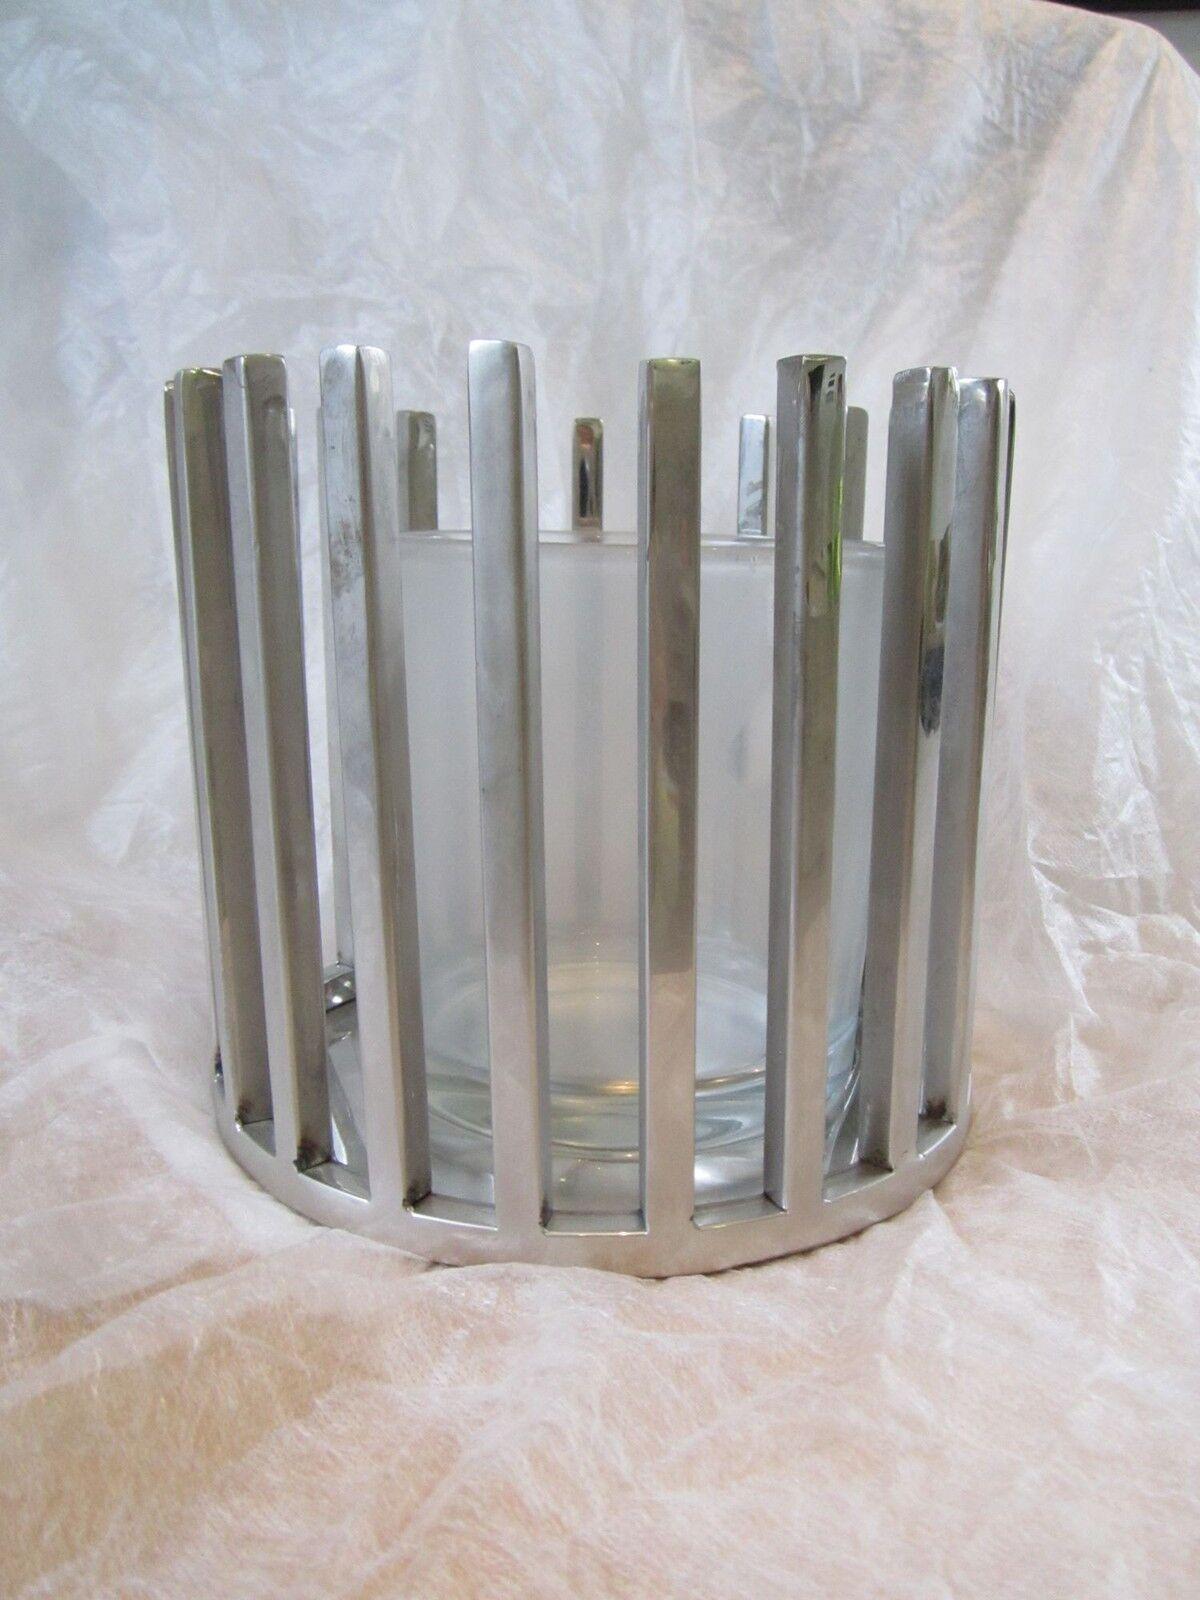 Kaheku Windlicht Ambiente Korbwindlicht Edelstahl mit Glaszylinder NEU  P